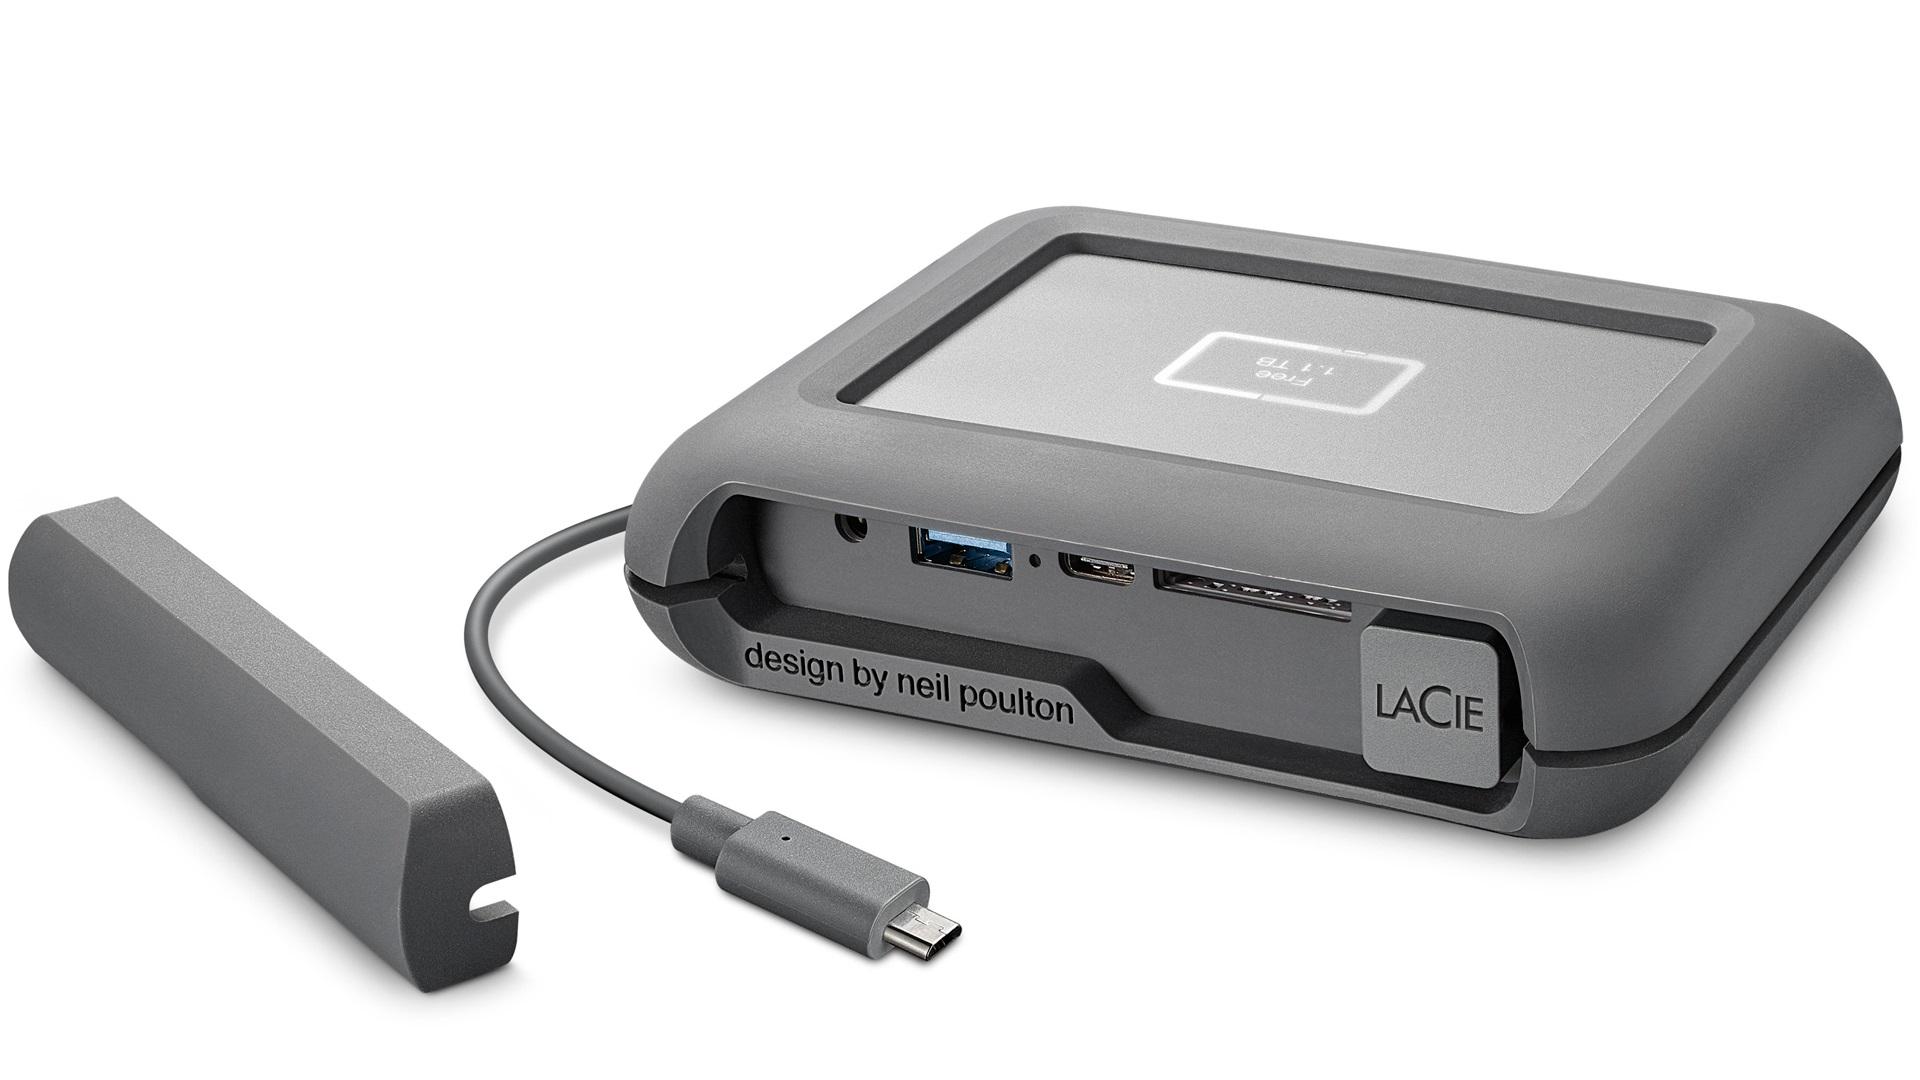 LaCie DJI Copilot - パソコンいらずでメディアをバックアップできる耐衝撃ポータブルHDD